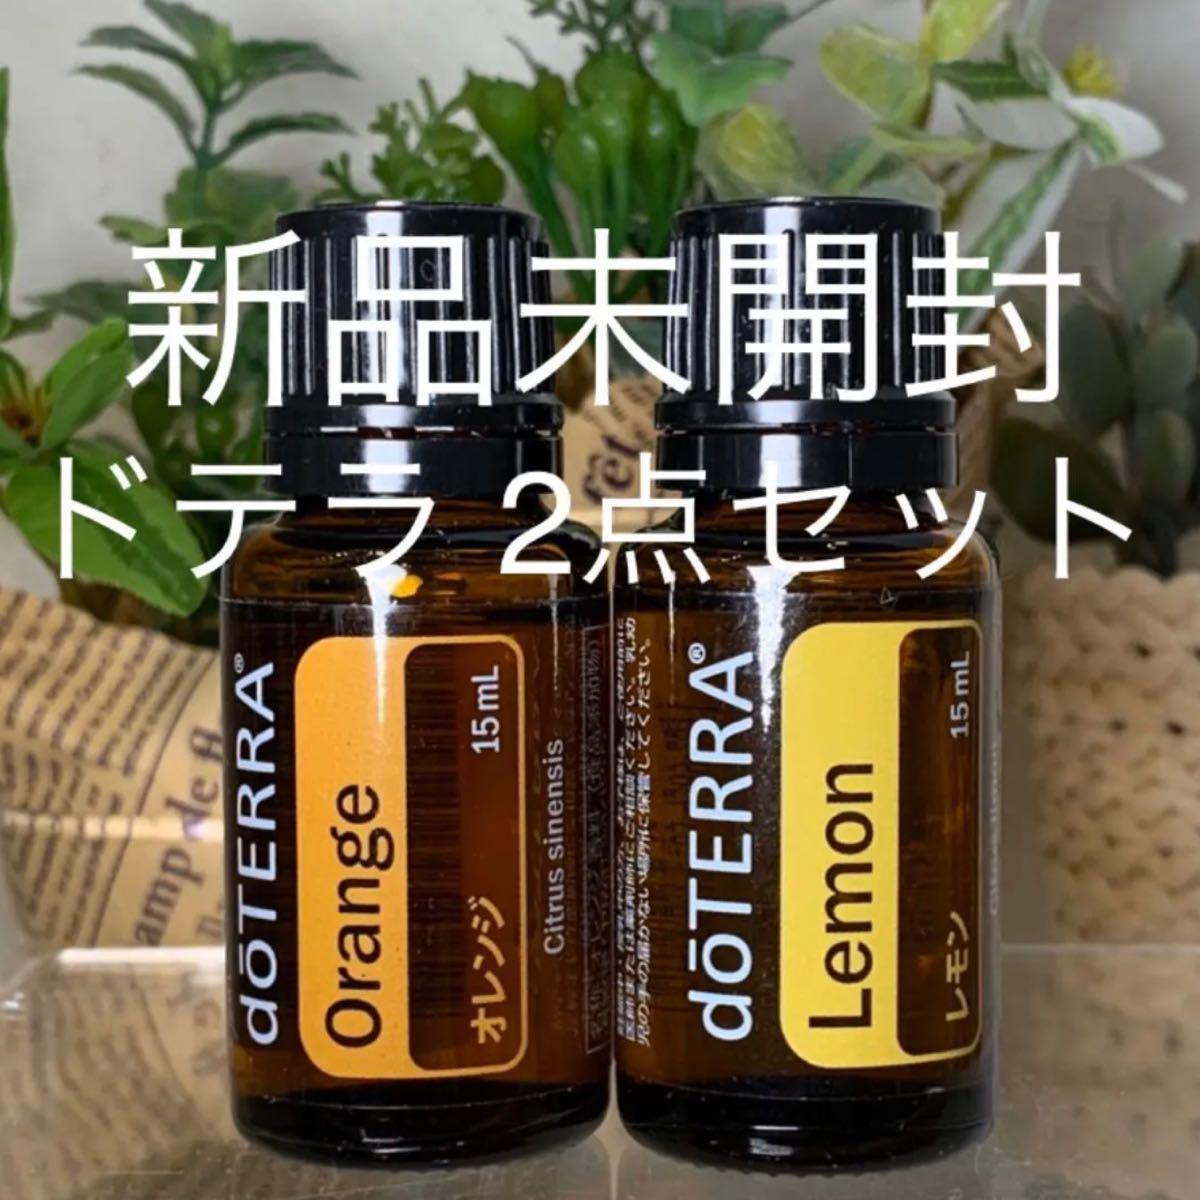 ドテラ オレンジ15ml & レモン15ml 2点セット★新品未開封★